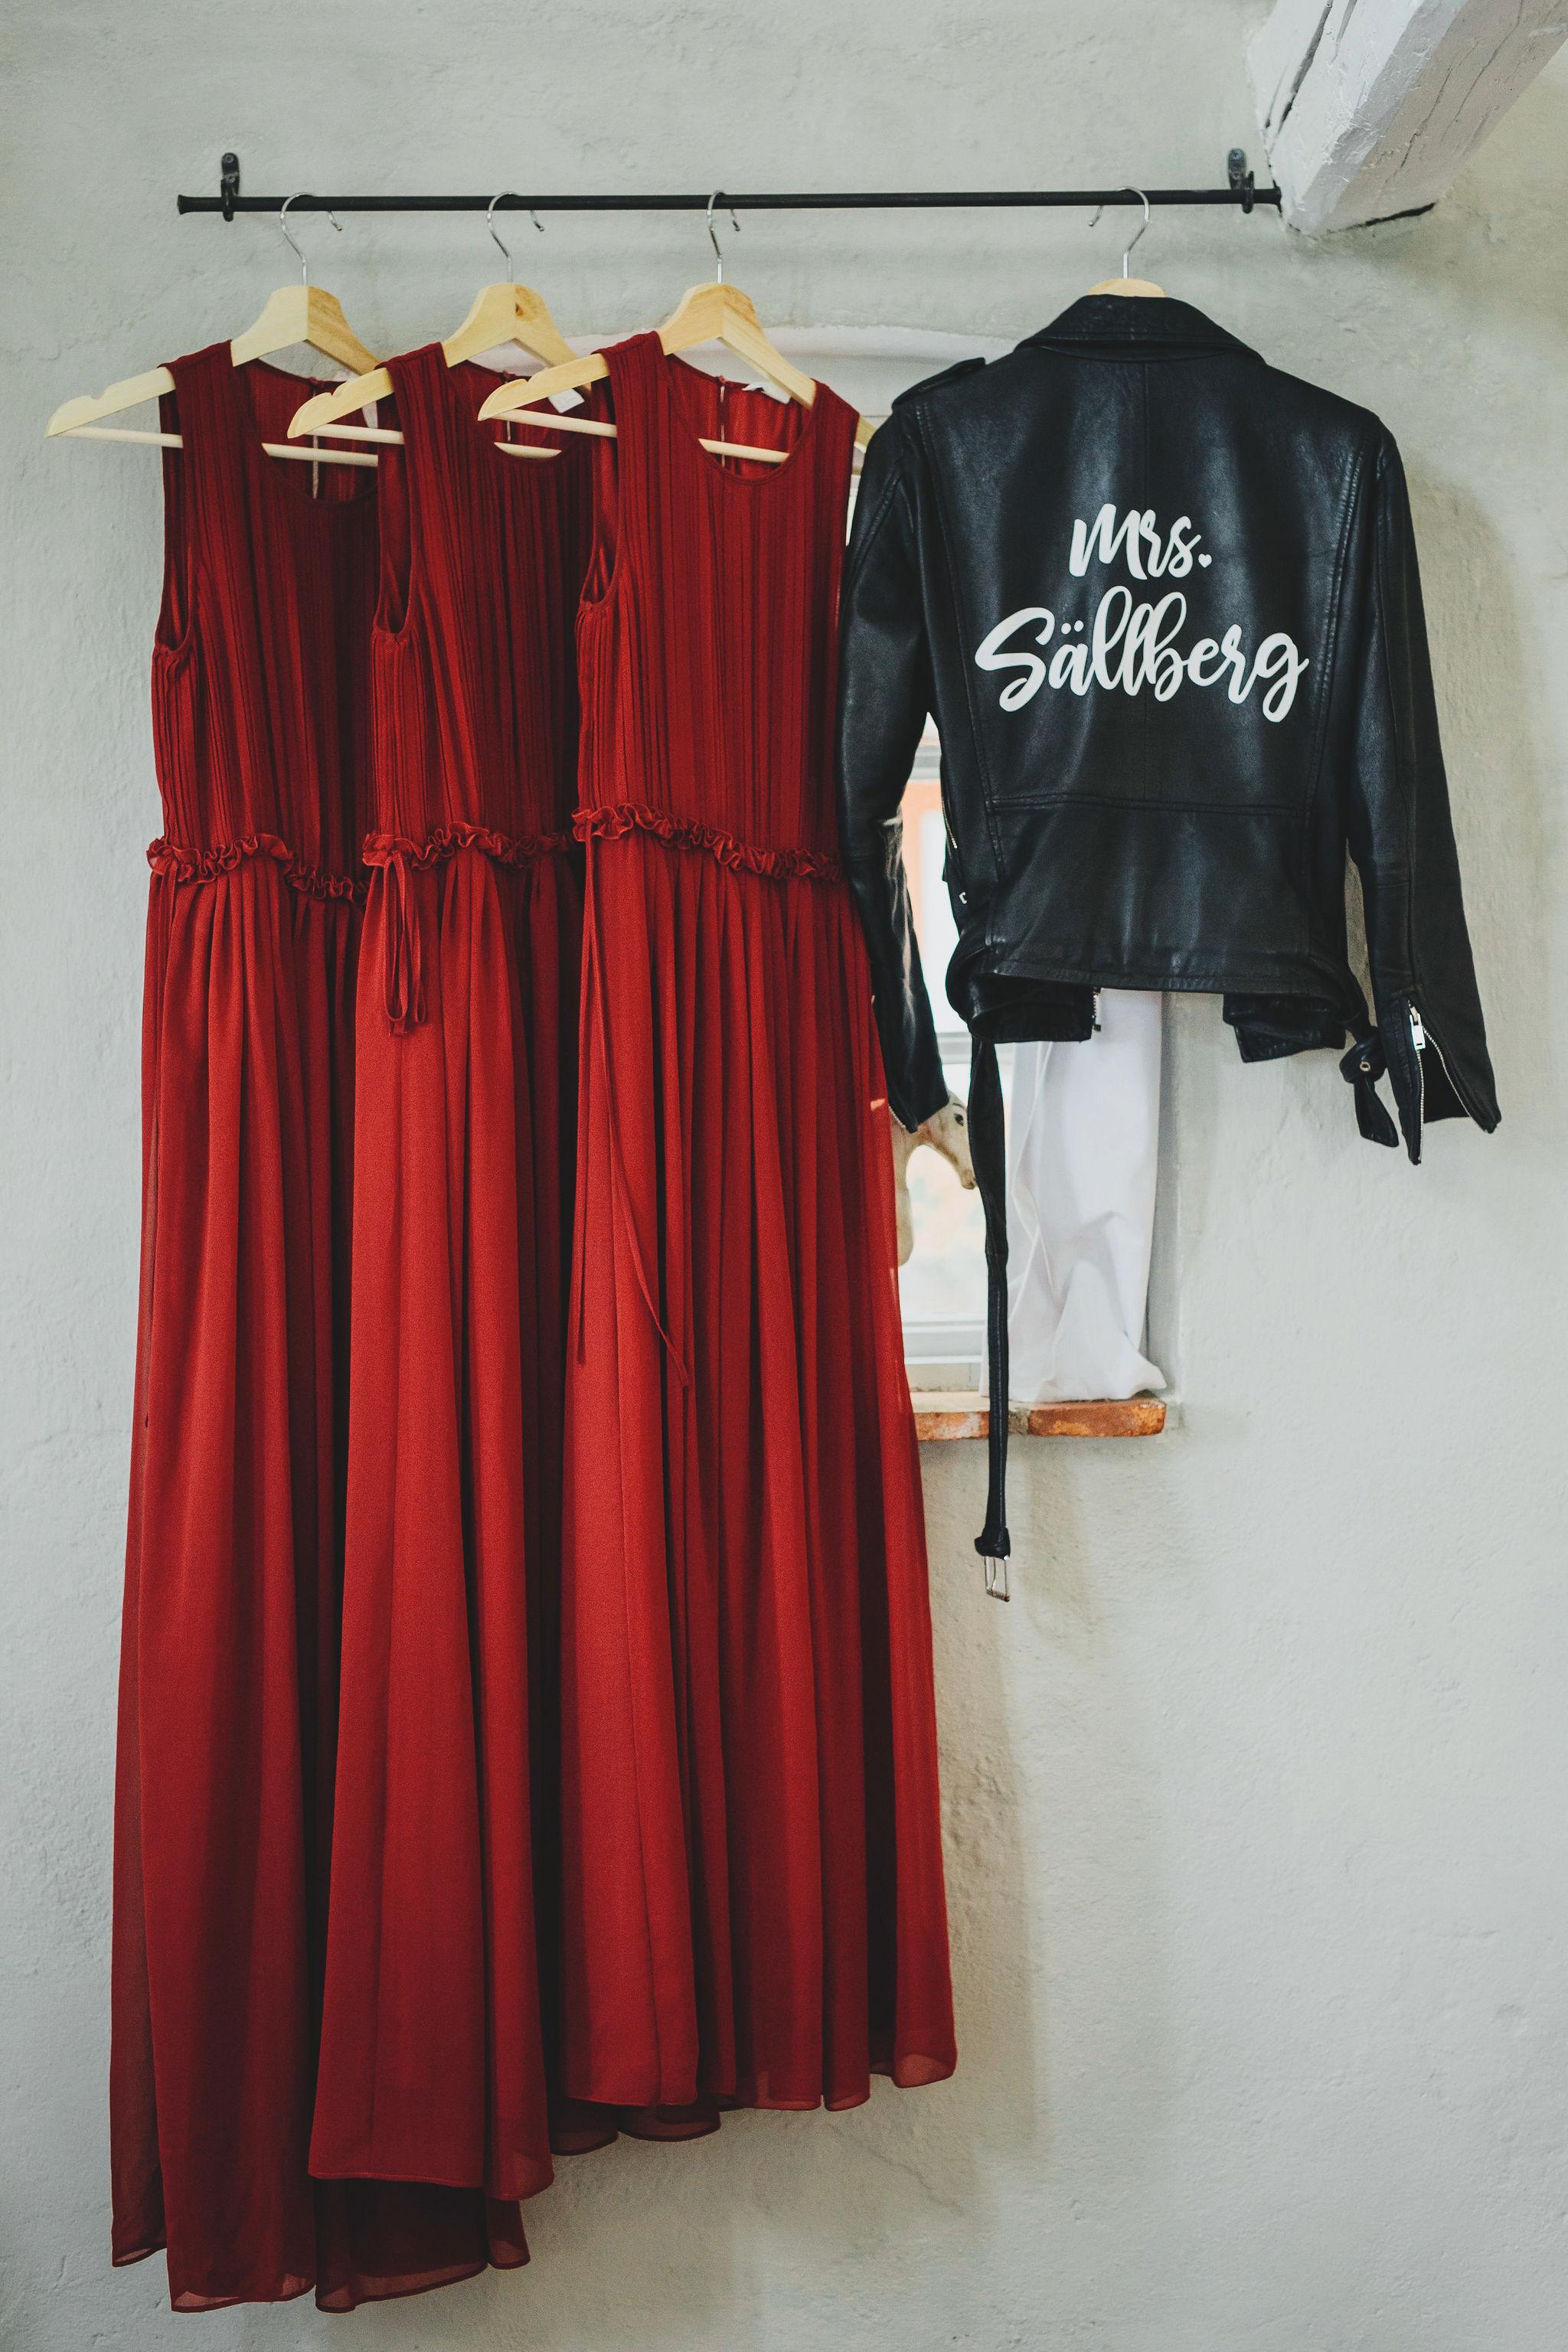 brudtärnor+brudklänning+klänningar